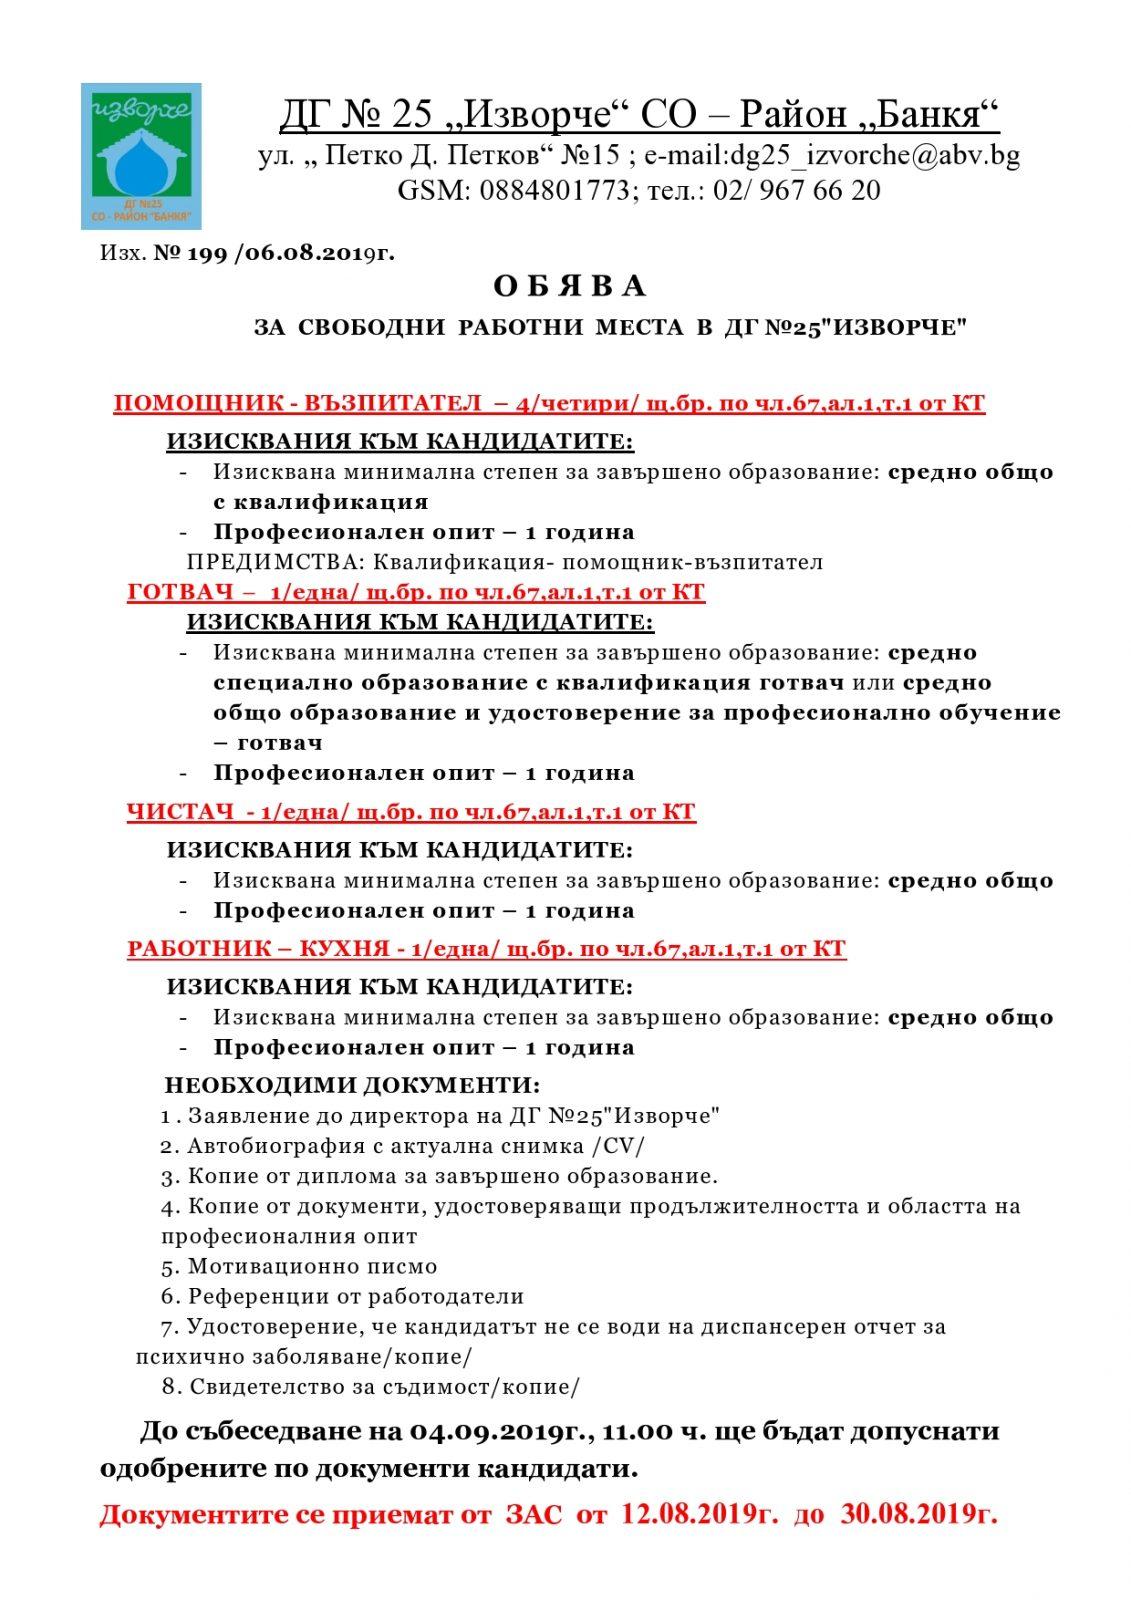 Обява за свободни работни места за набиране на персонал в ДГ 25 Изворче